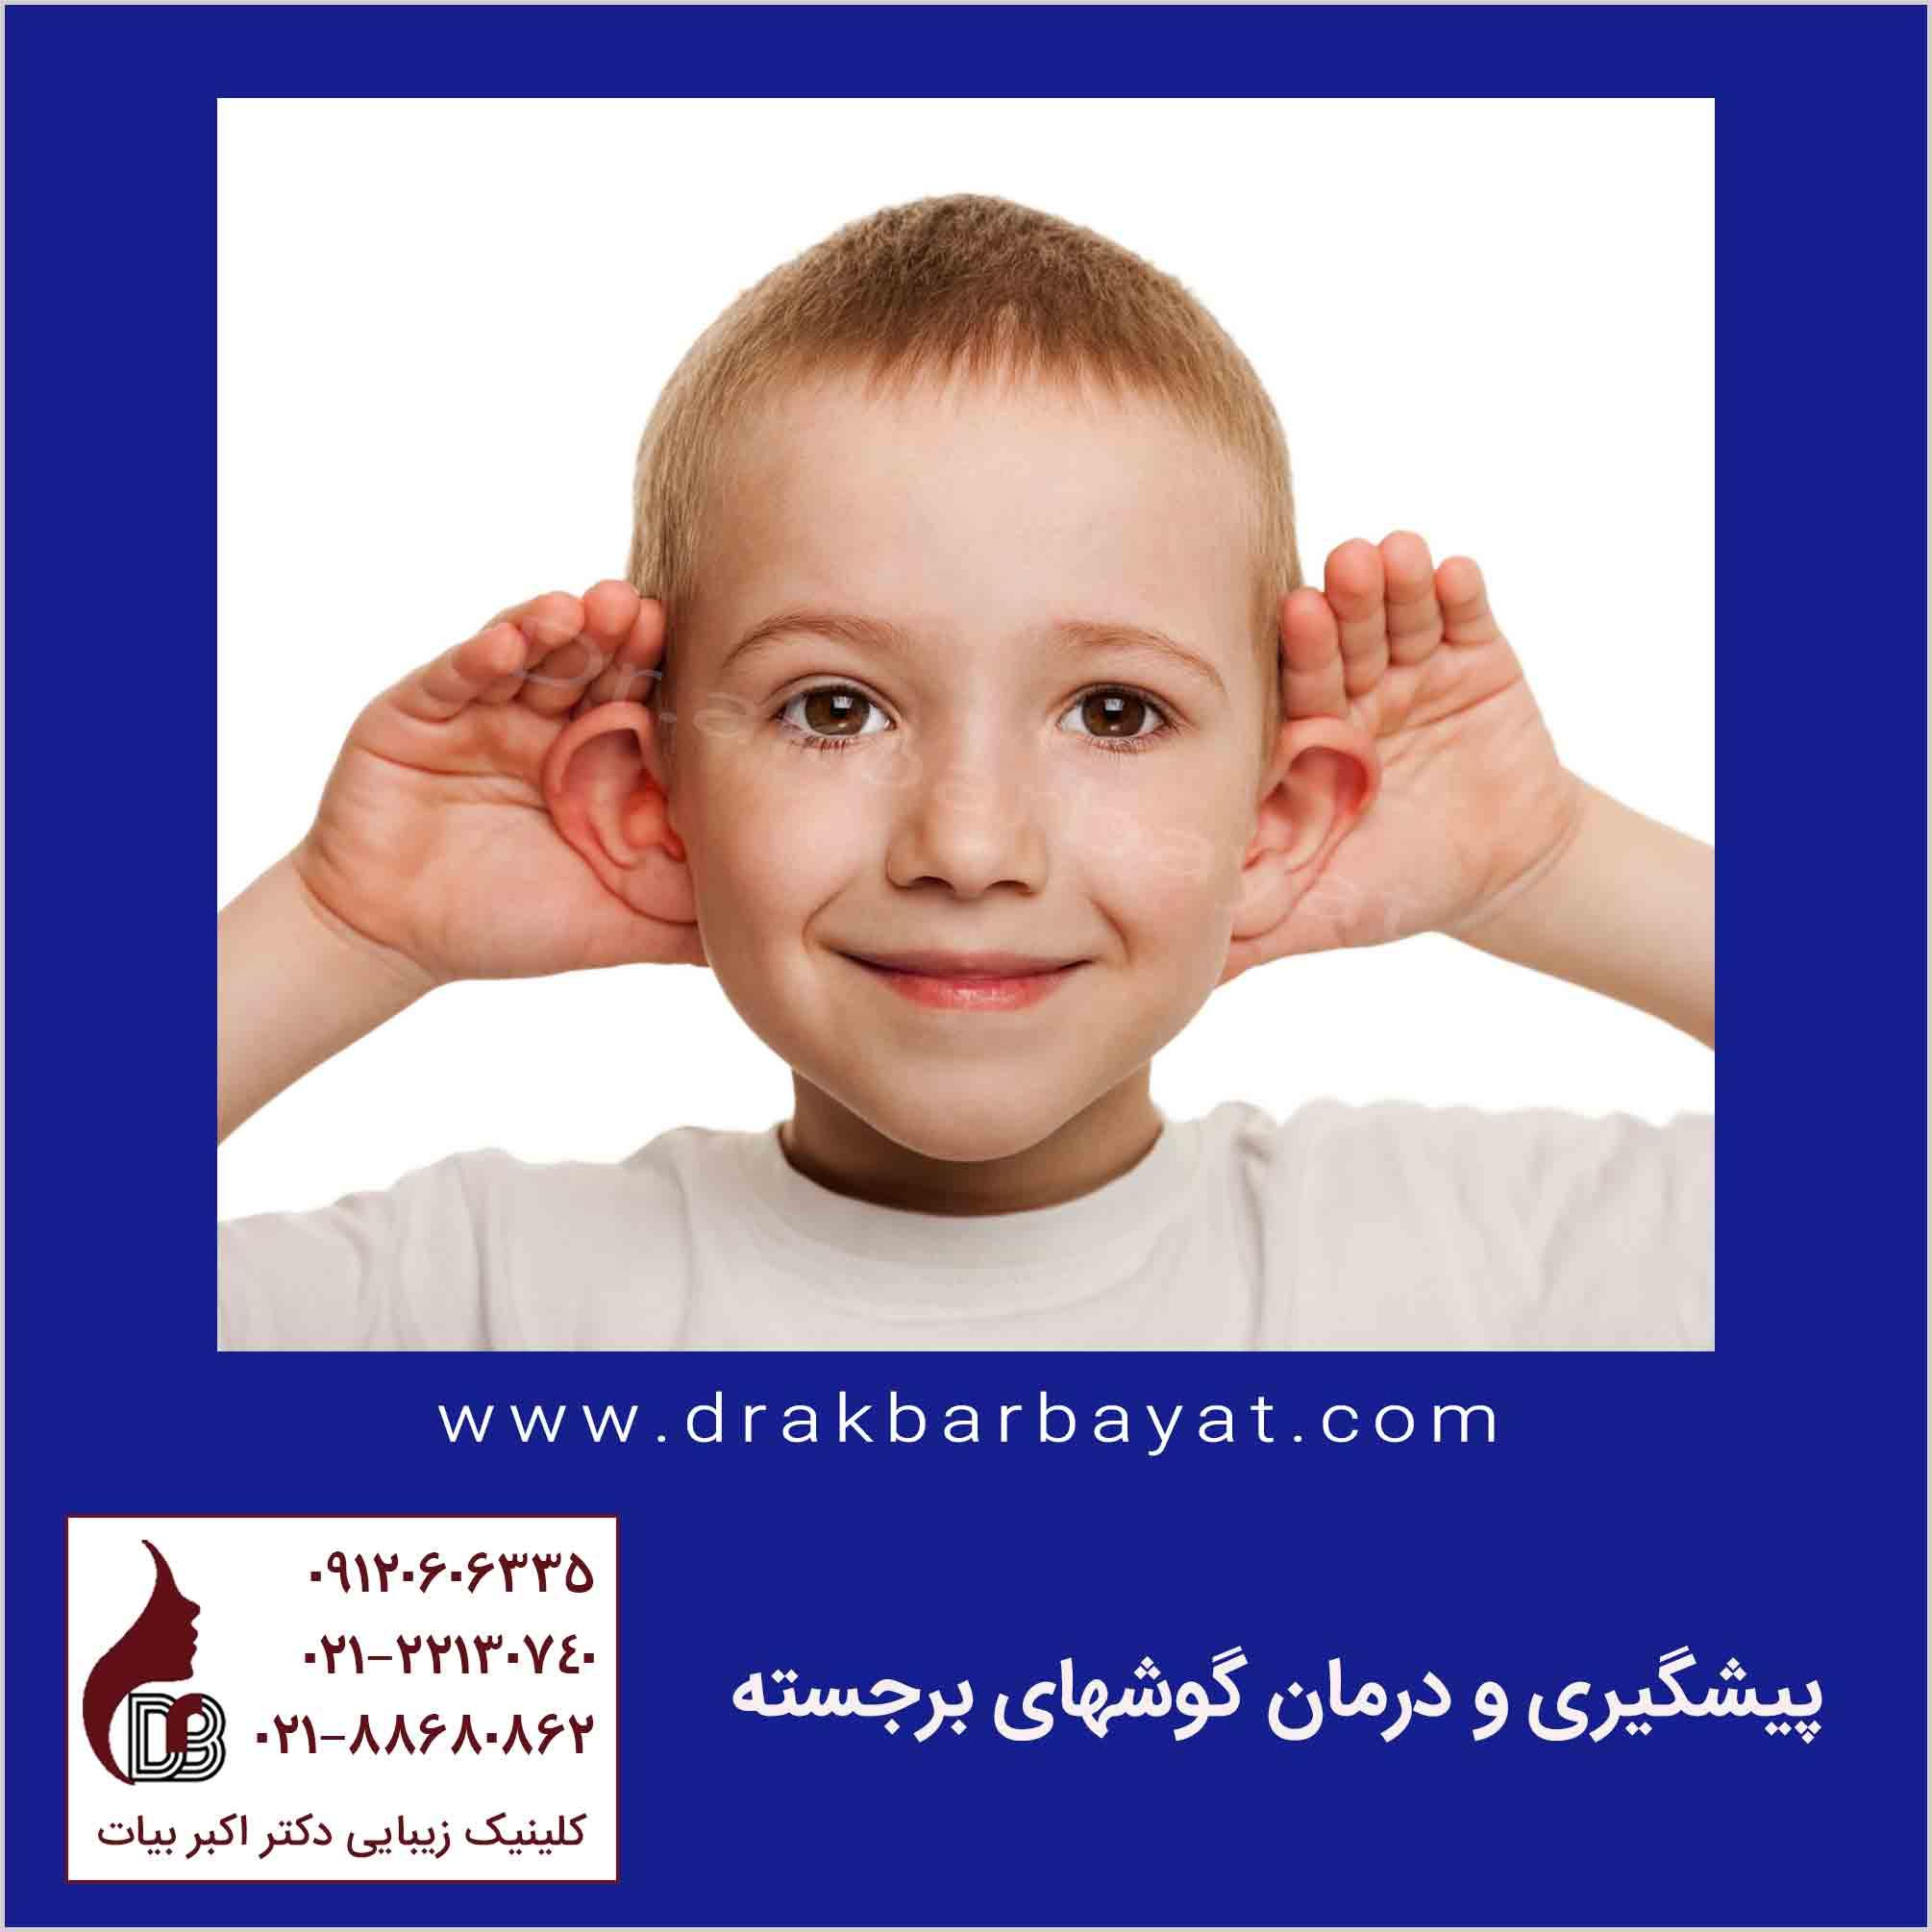 جراحی زیبایی گوش   بهترین جراح زیبایی گوش